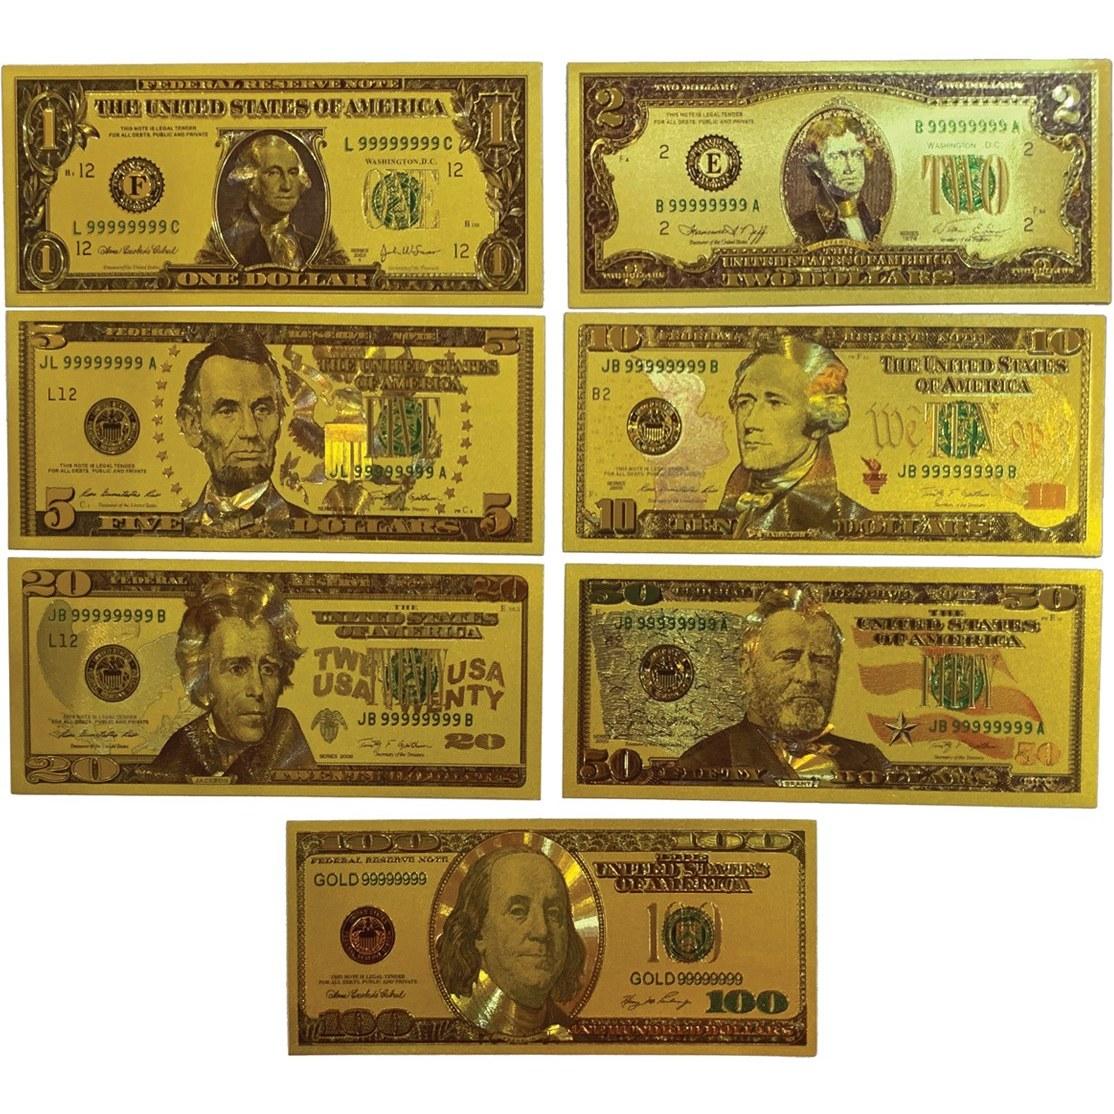 تصویر مجموعه 7 عددی اسکناس دلار آمریکا روکش آب طلا